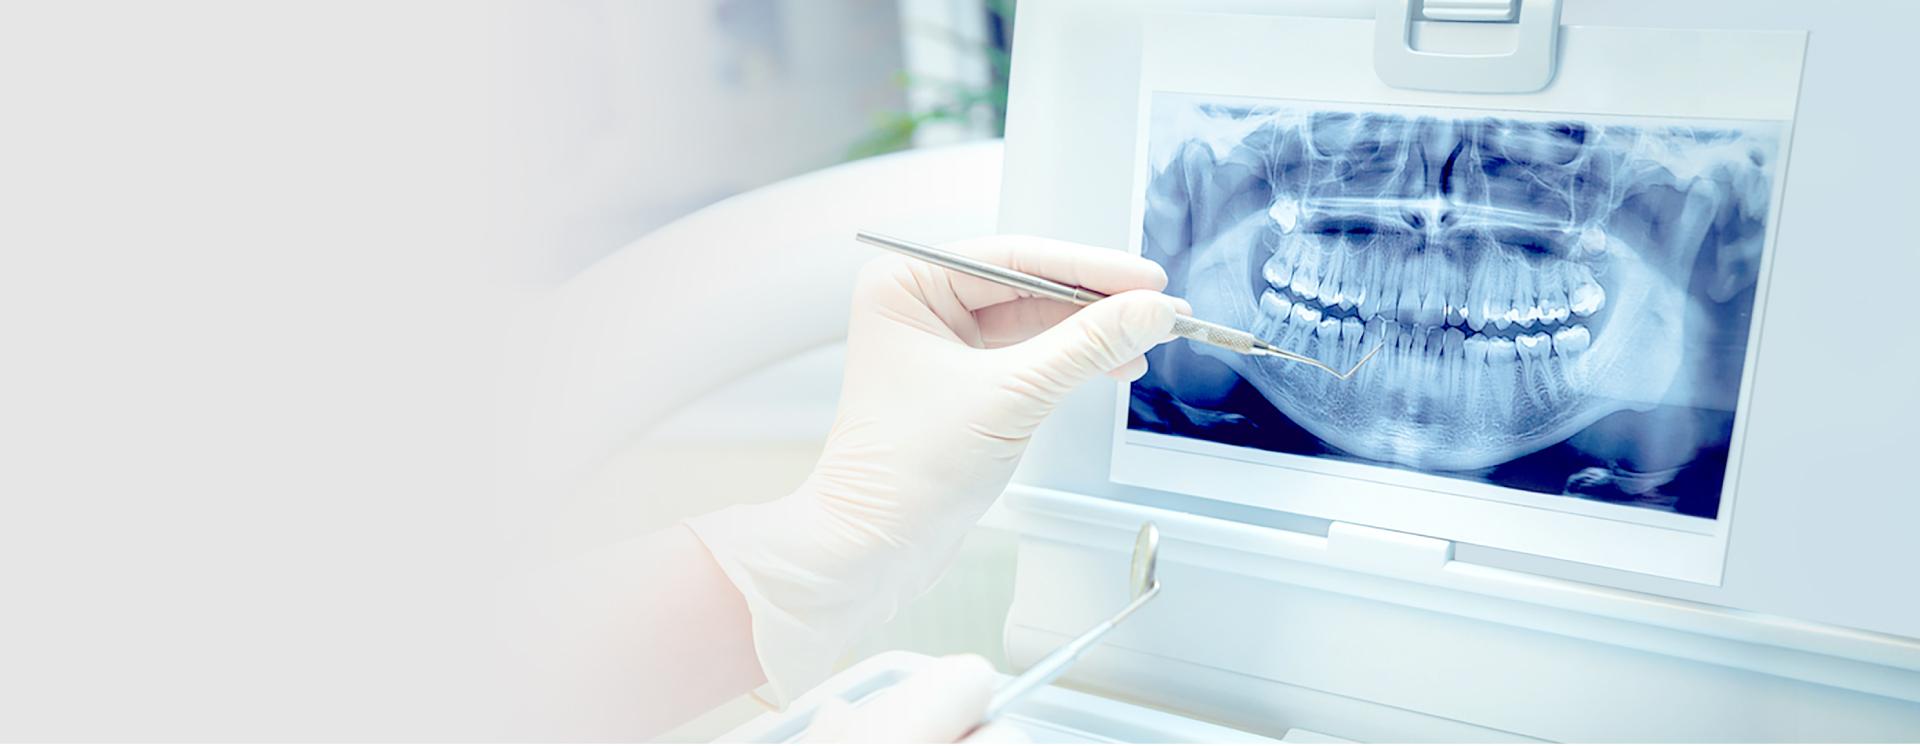 Trám răng thẩm mỹ ở đâu tốt nhất? Tham khảo ý kiến chuyên gia